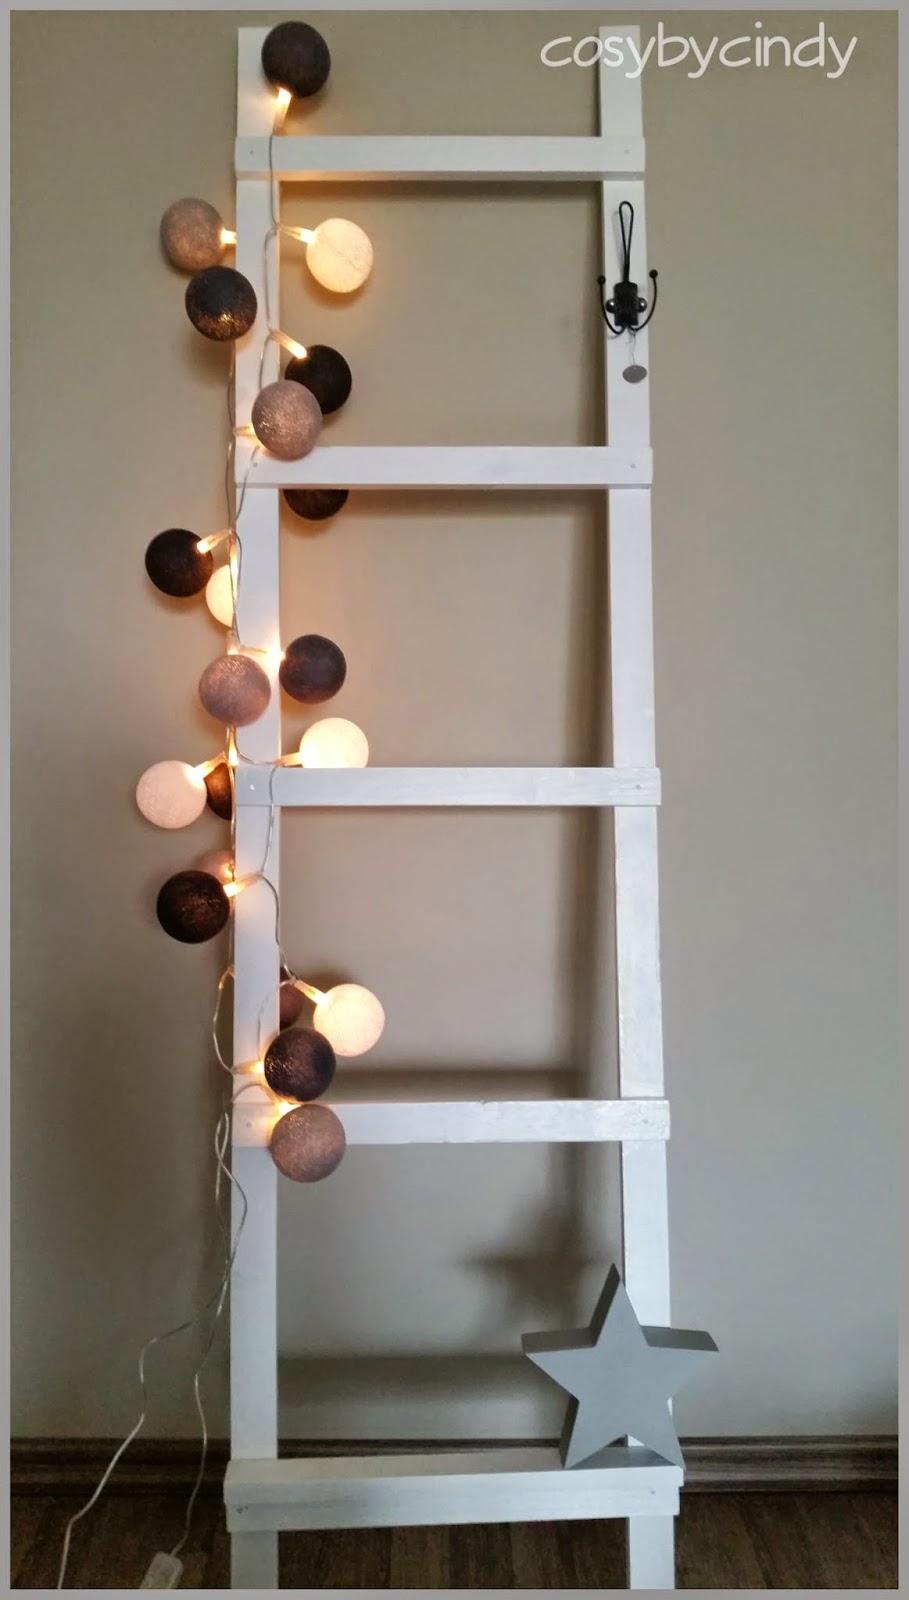 Bedwelming Zelf Houten Ladder Maken IK21 | Belbin.Info @RY44